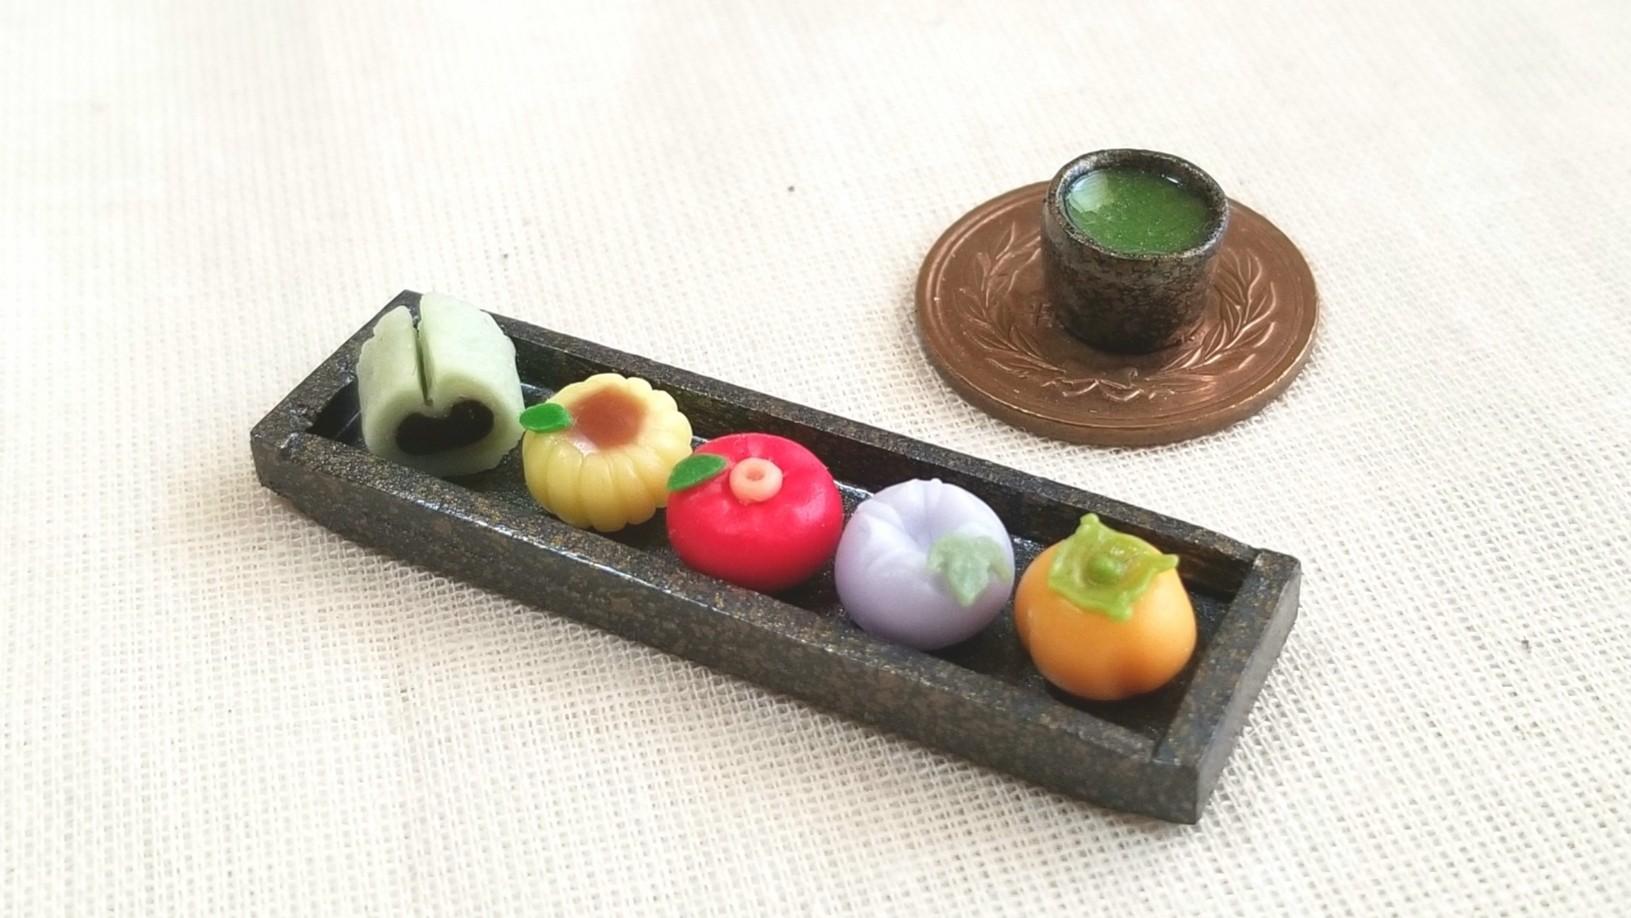 ミニチュアフード和菓子,生菓子,おいしい季節の有名茶菓,自作アート